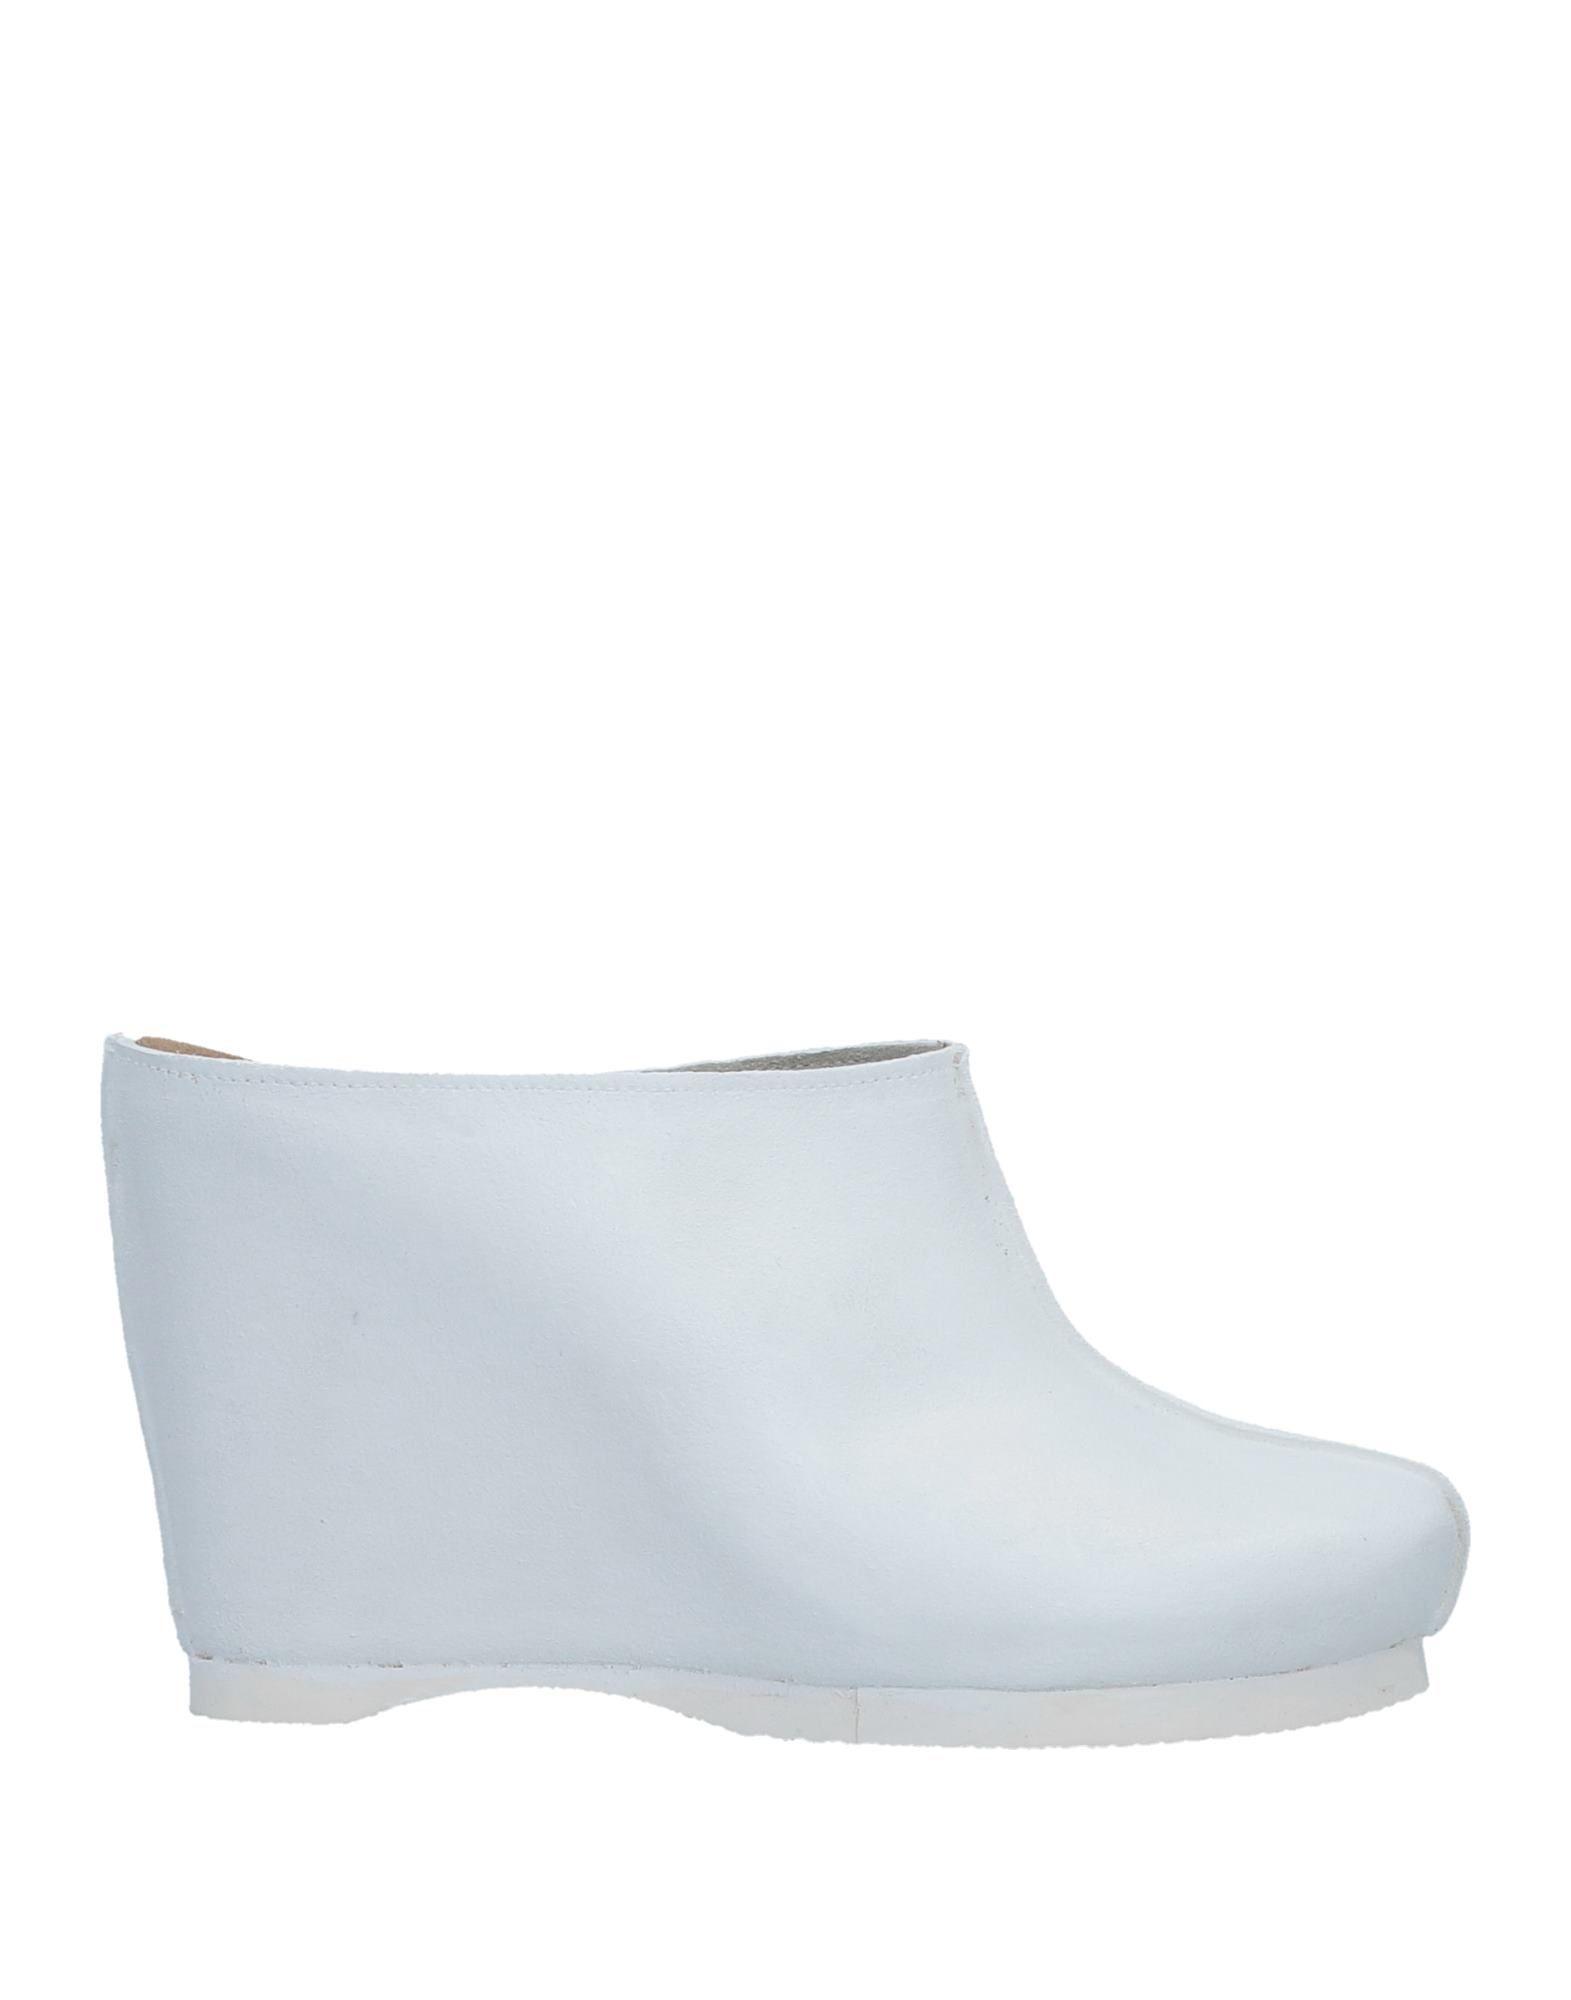 Sneakers L4k3 Donna - 11334975MQ Scarpe economiche e buone